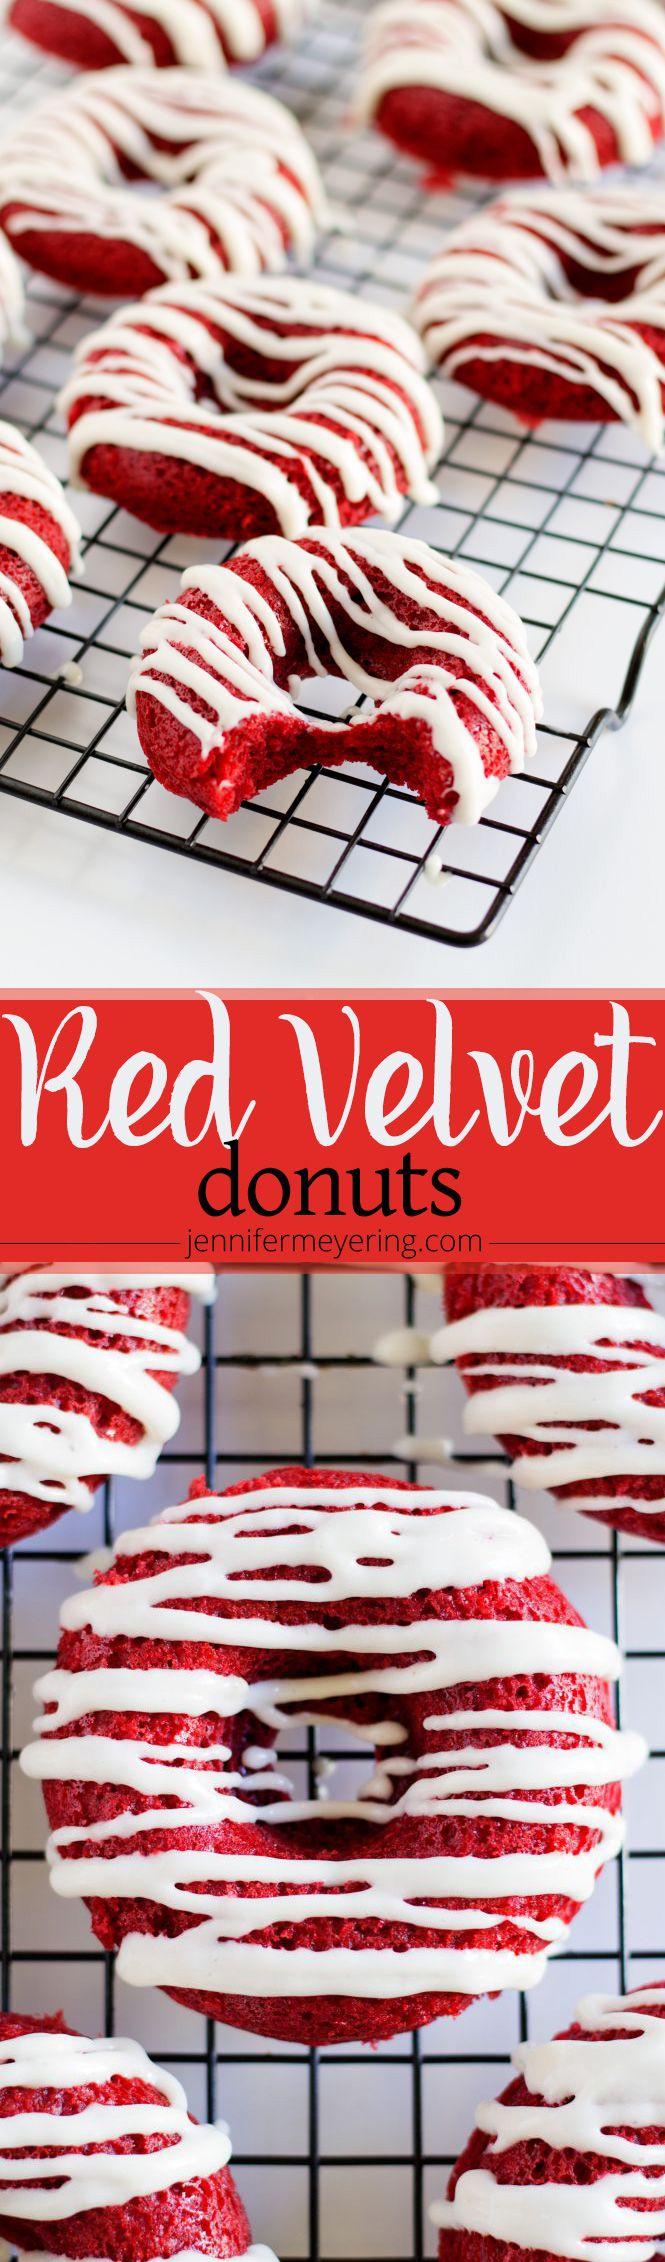 Red Velvet Donuts -- JenniferMeyering.com